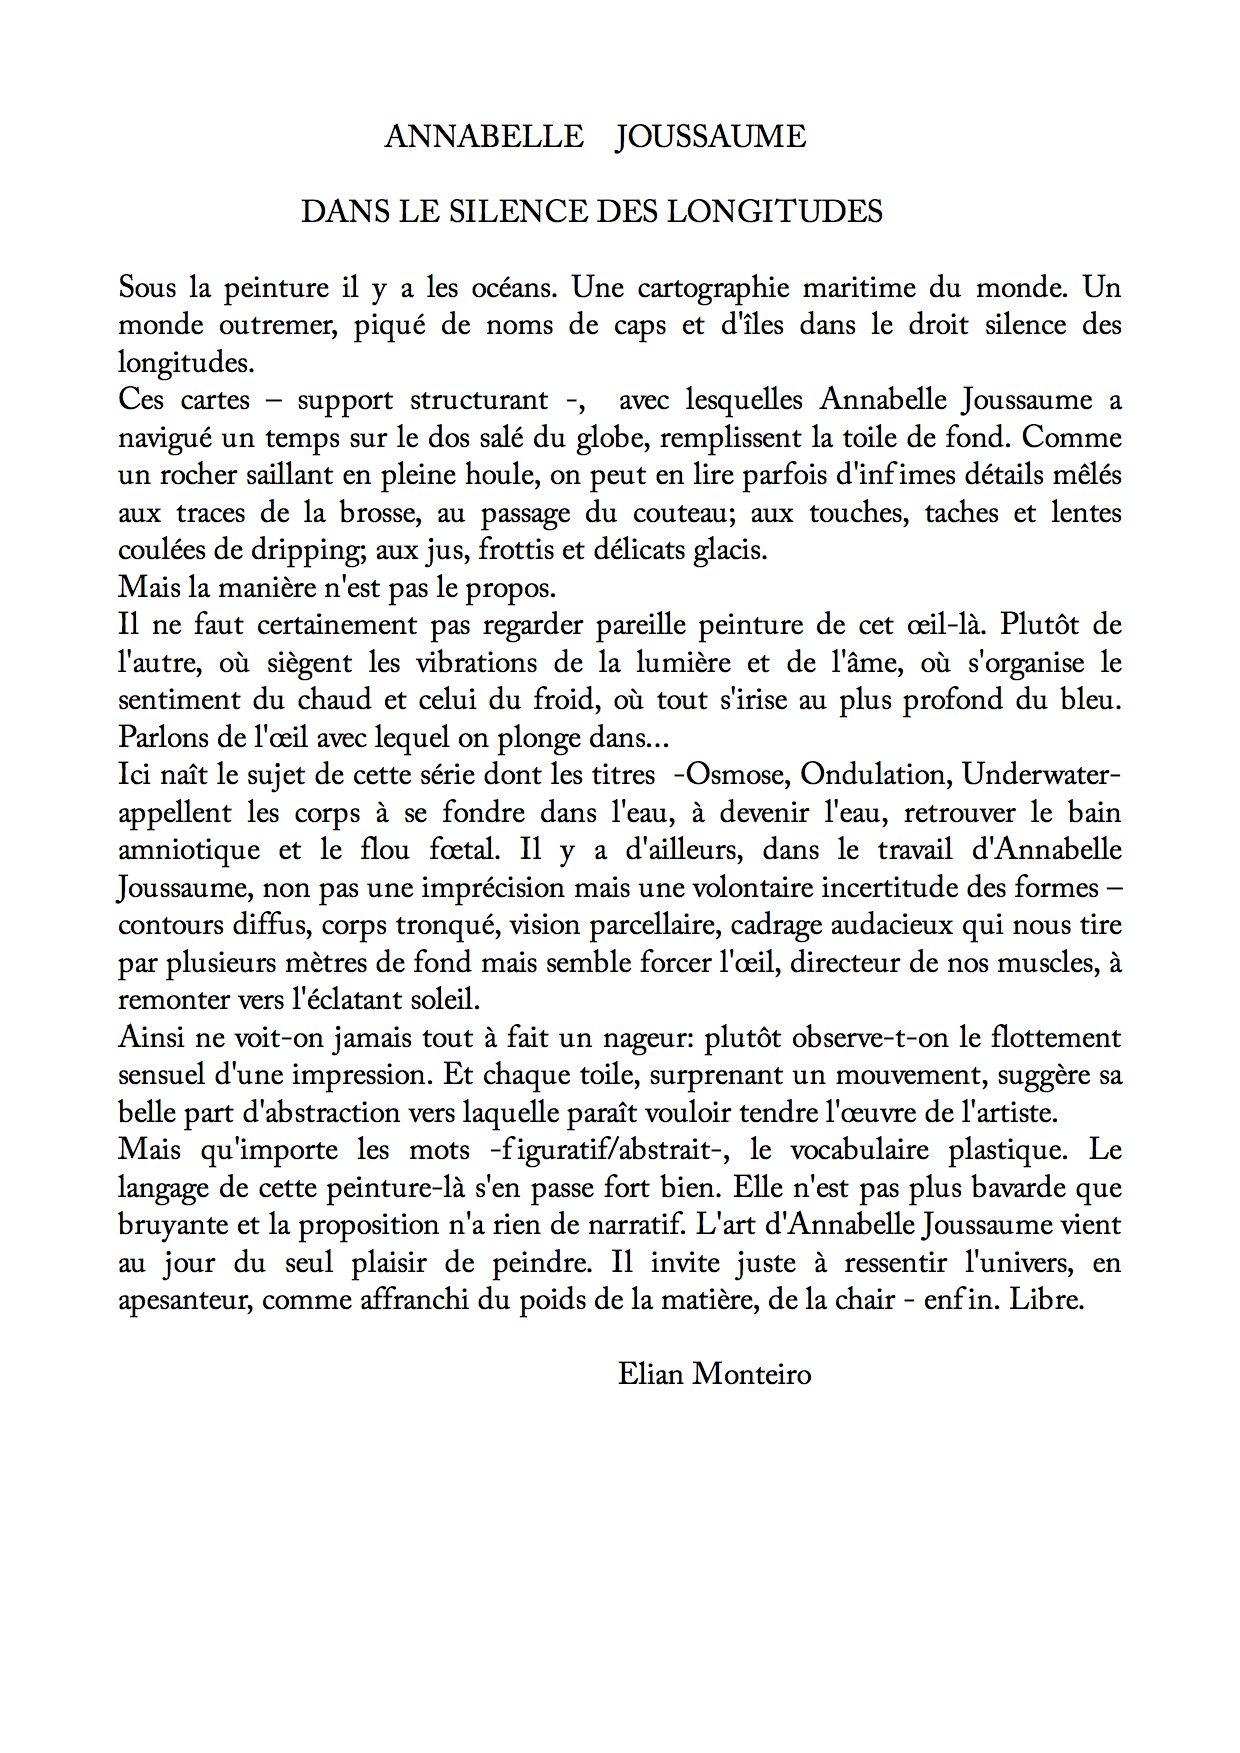 texte d Elian Montero